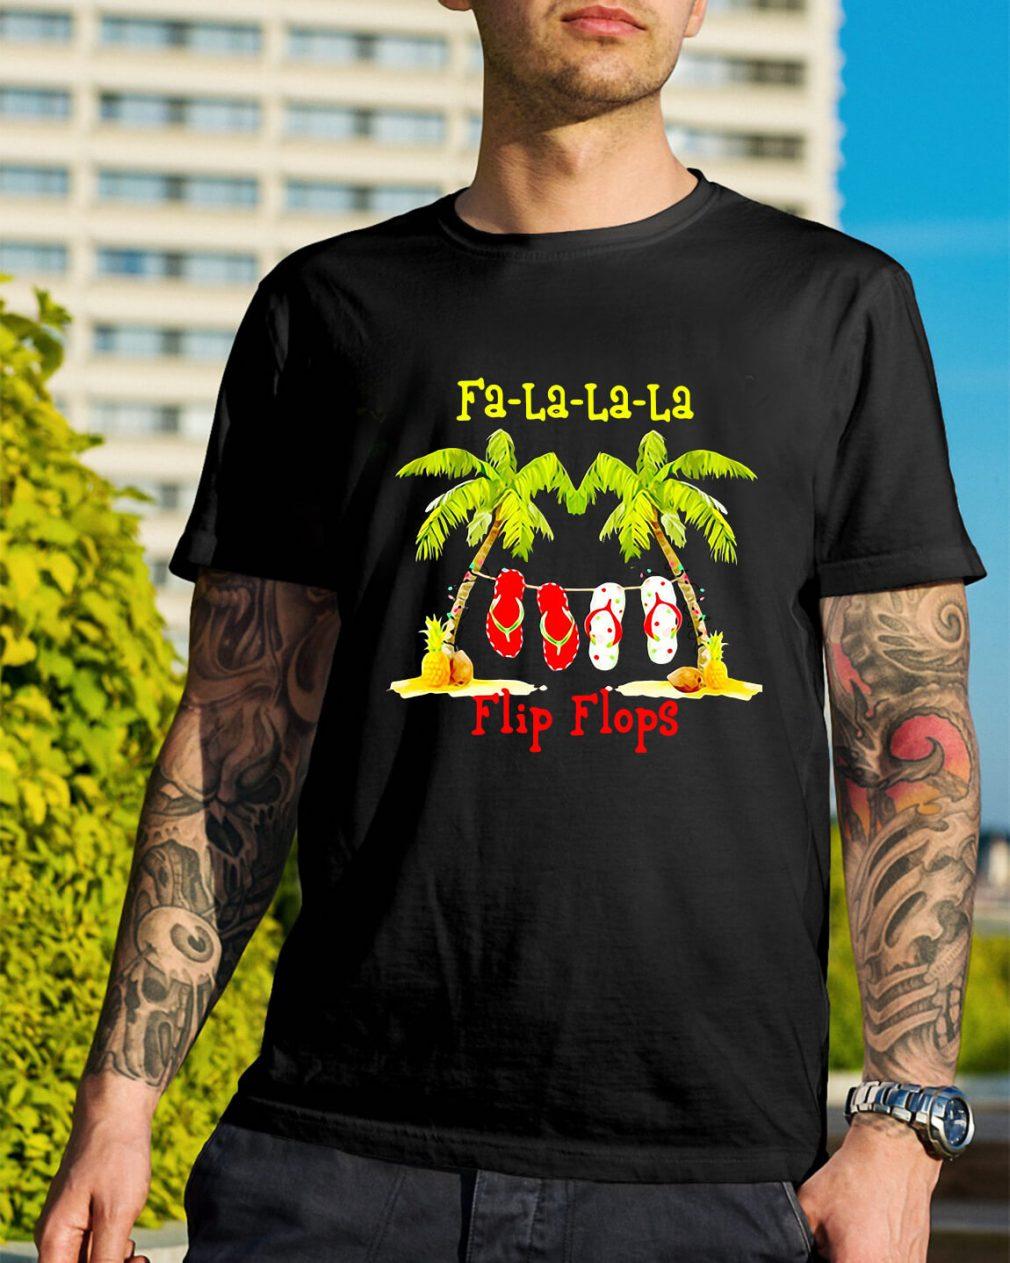 Christmas Fa-la-la-la flip flops Guys Shirt